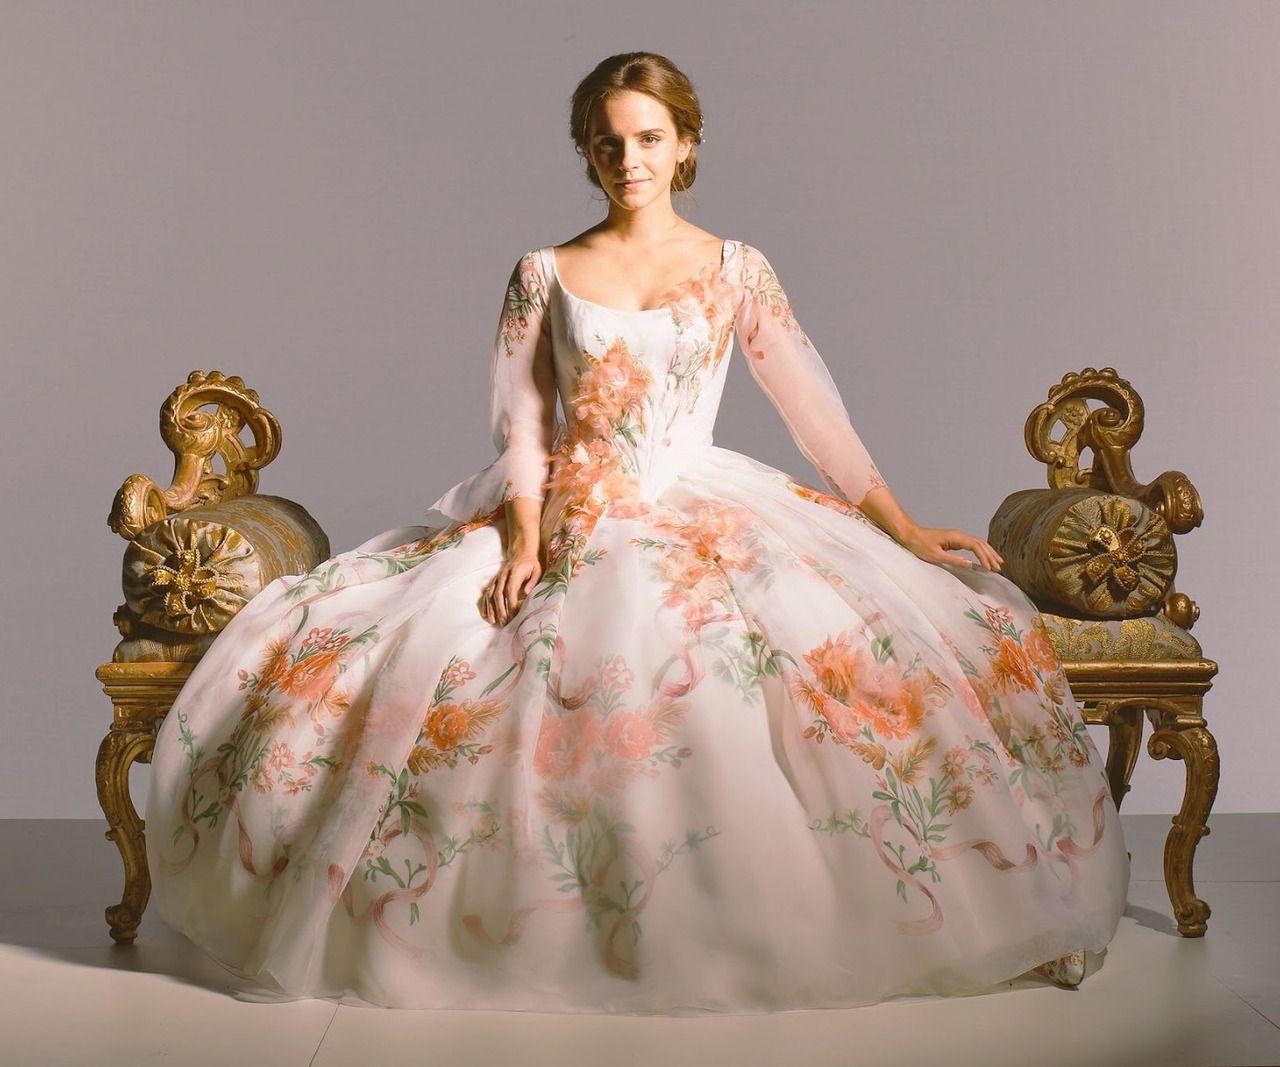 """Ewatsondaily: """"New Outtake Of Emma Watson As 'Belle' In"""